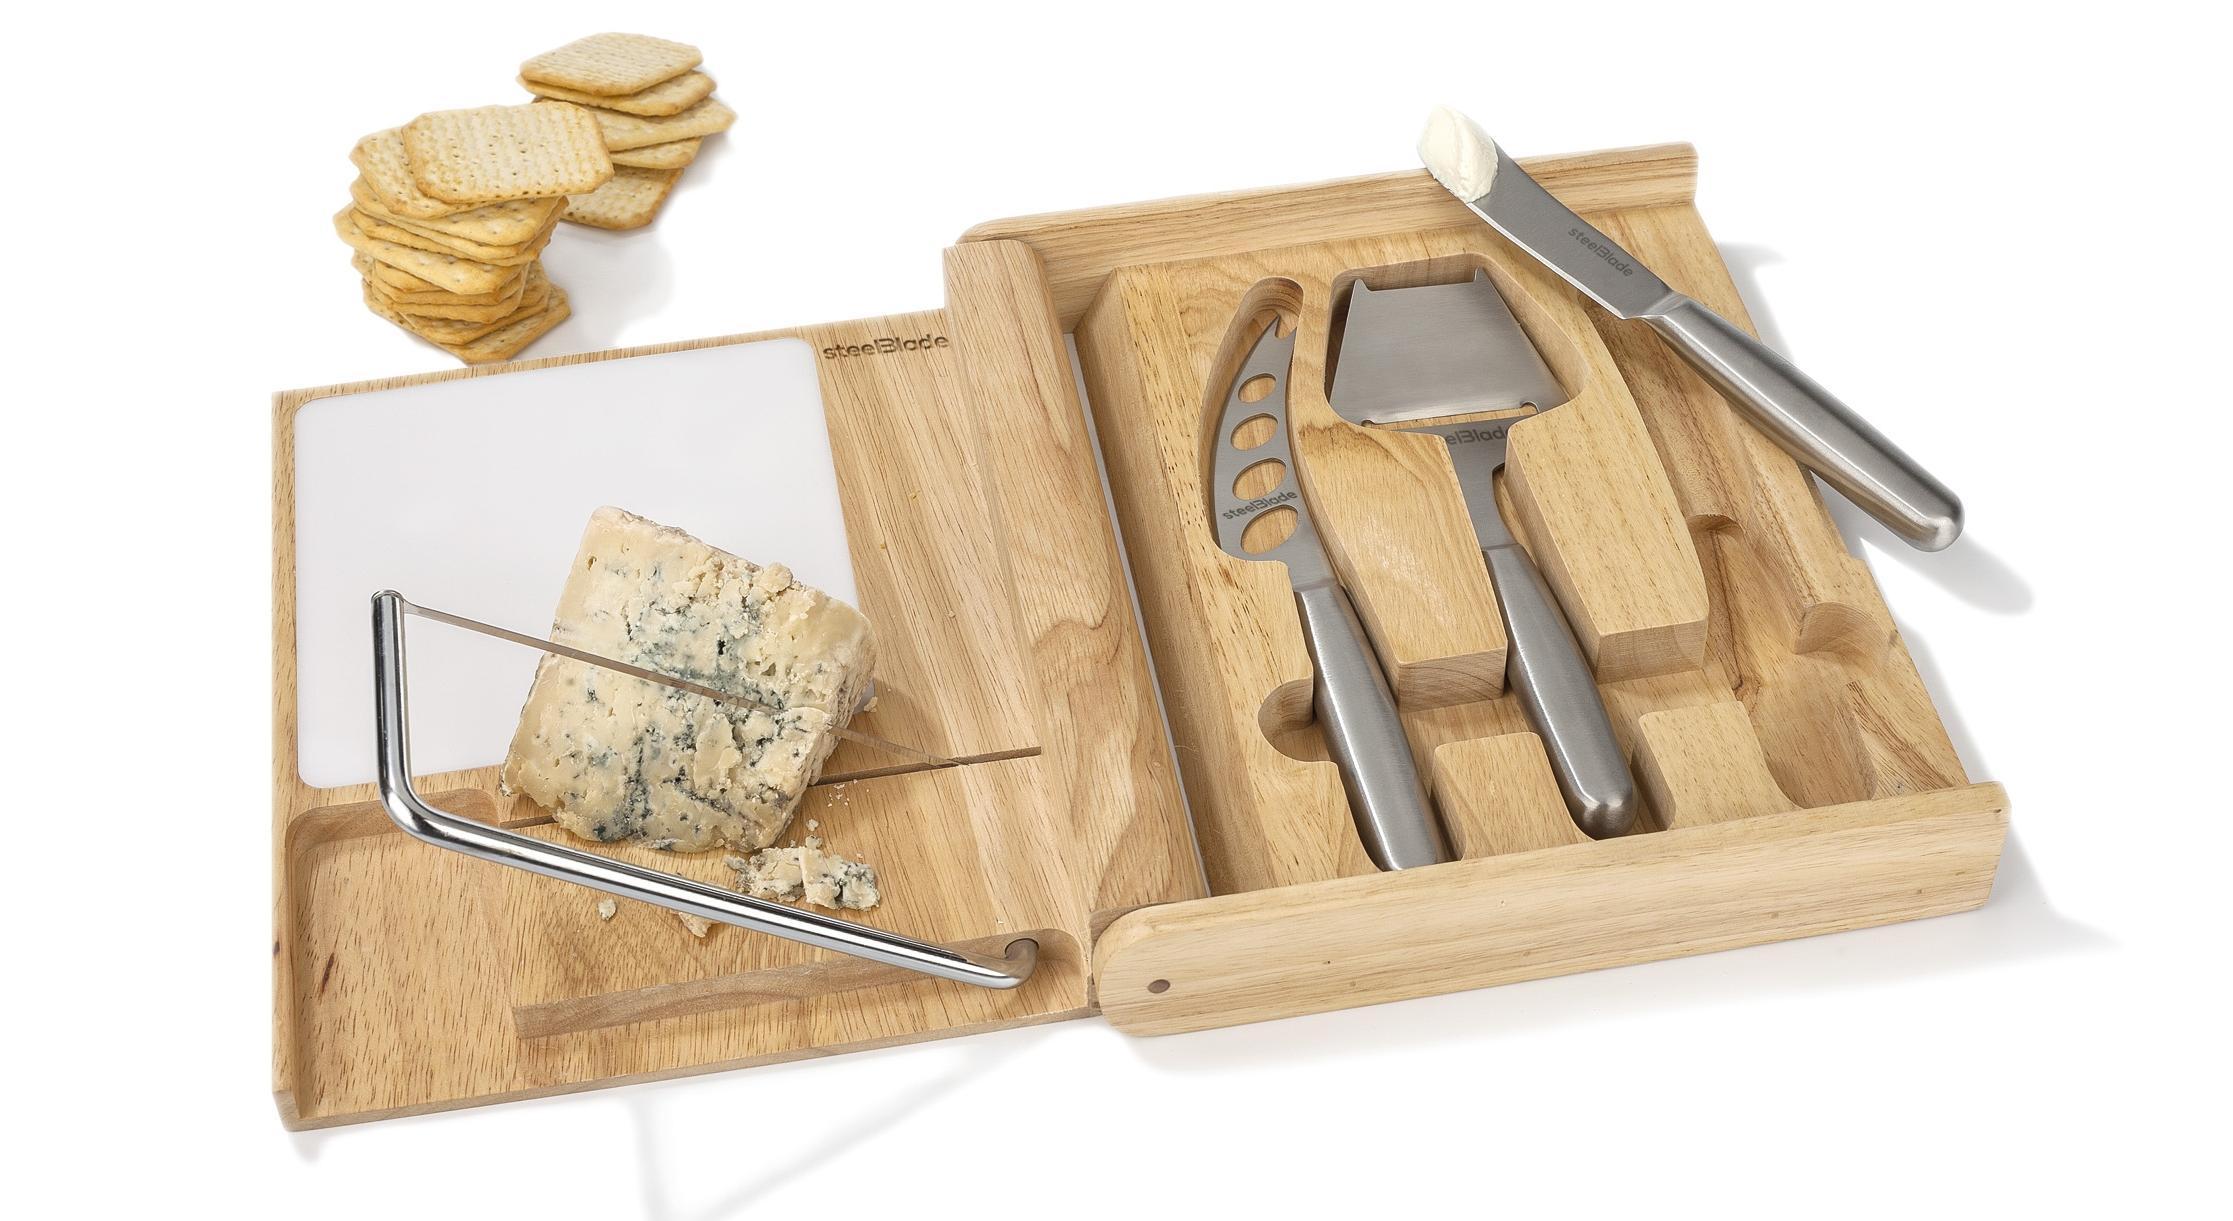 Estuche set de cuchillos para queso y lira steelblade for Cuchillo queso el corte ingles